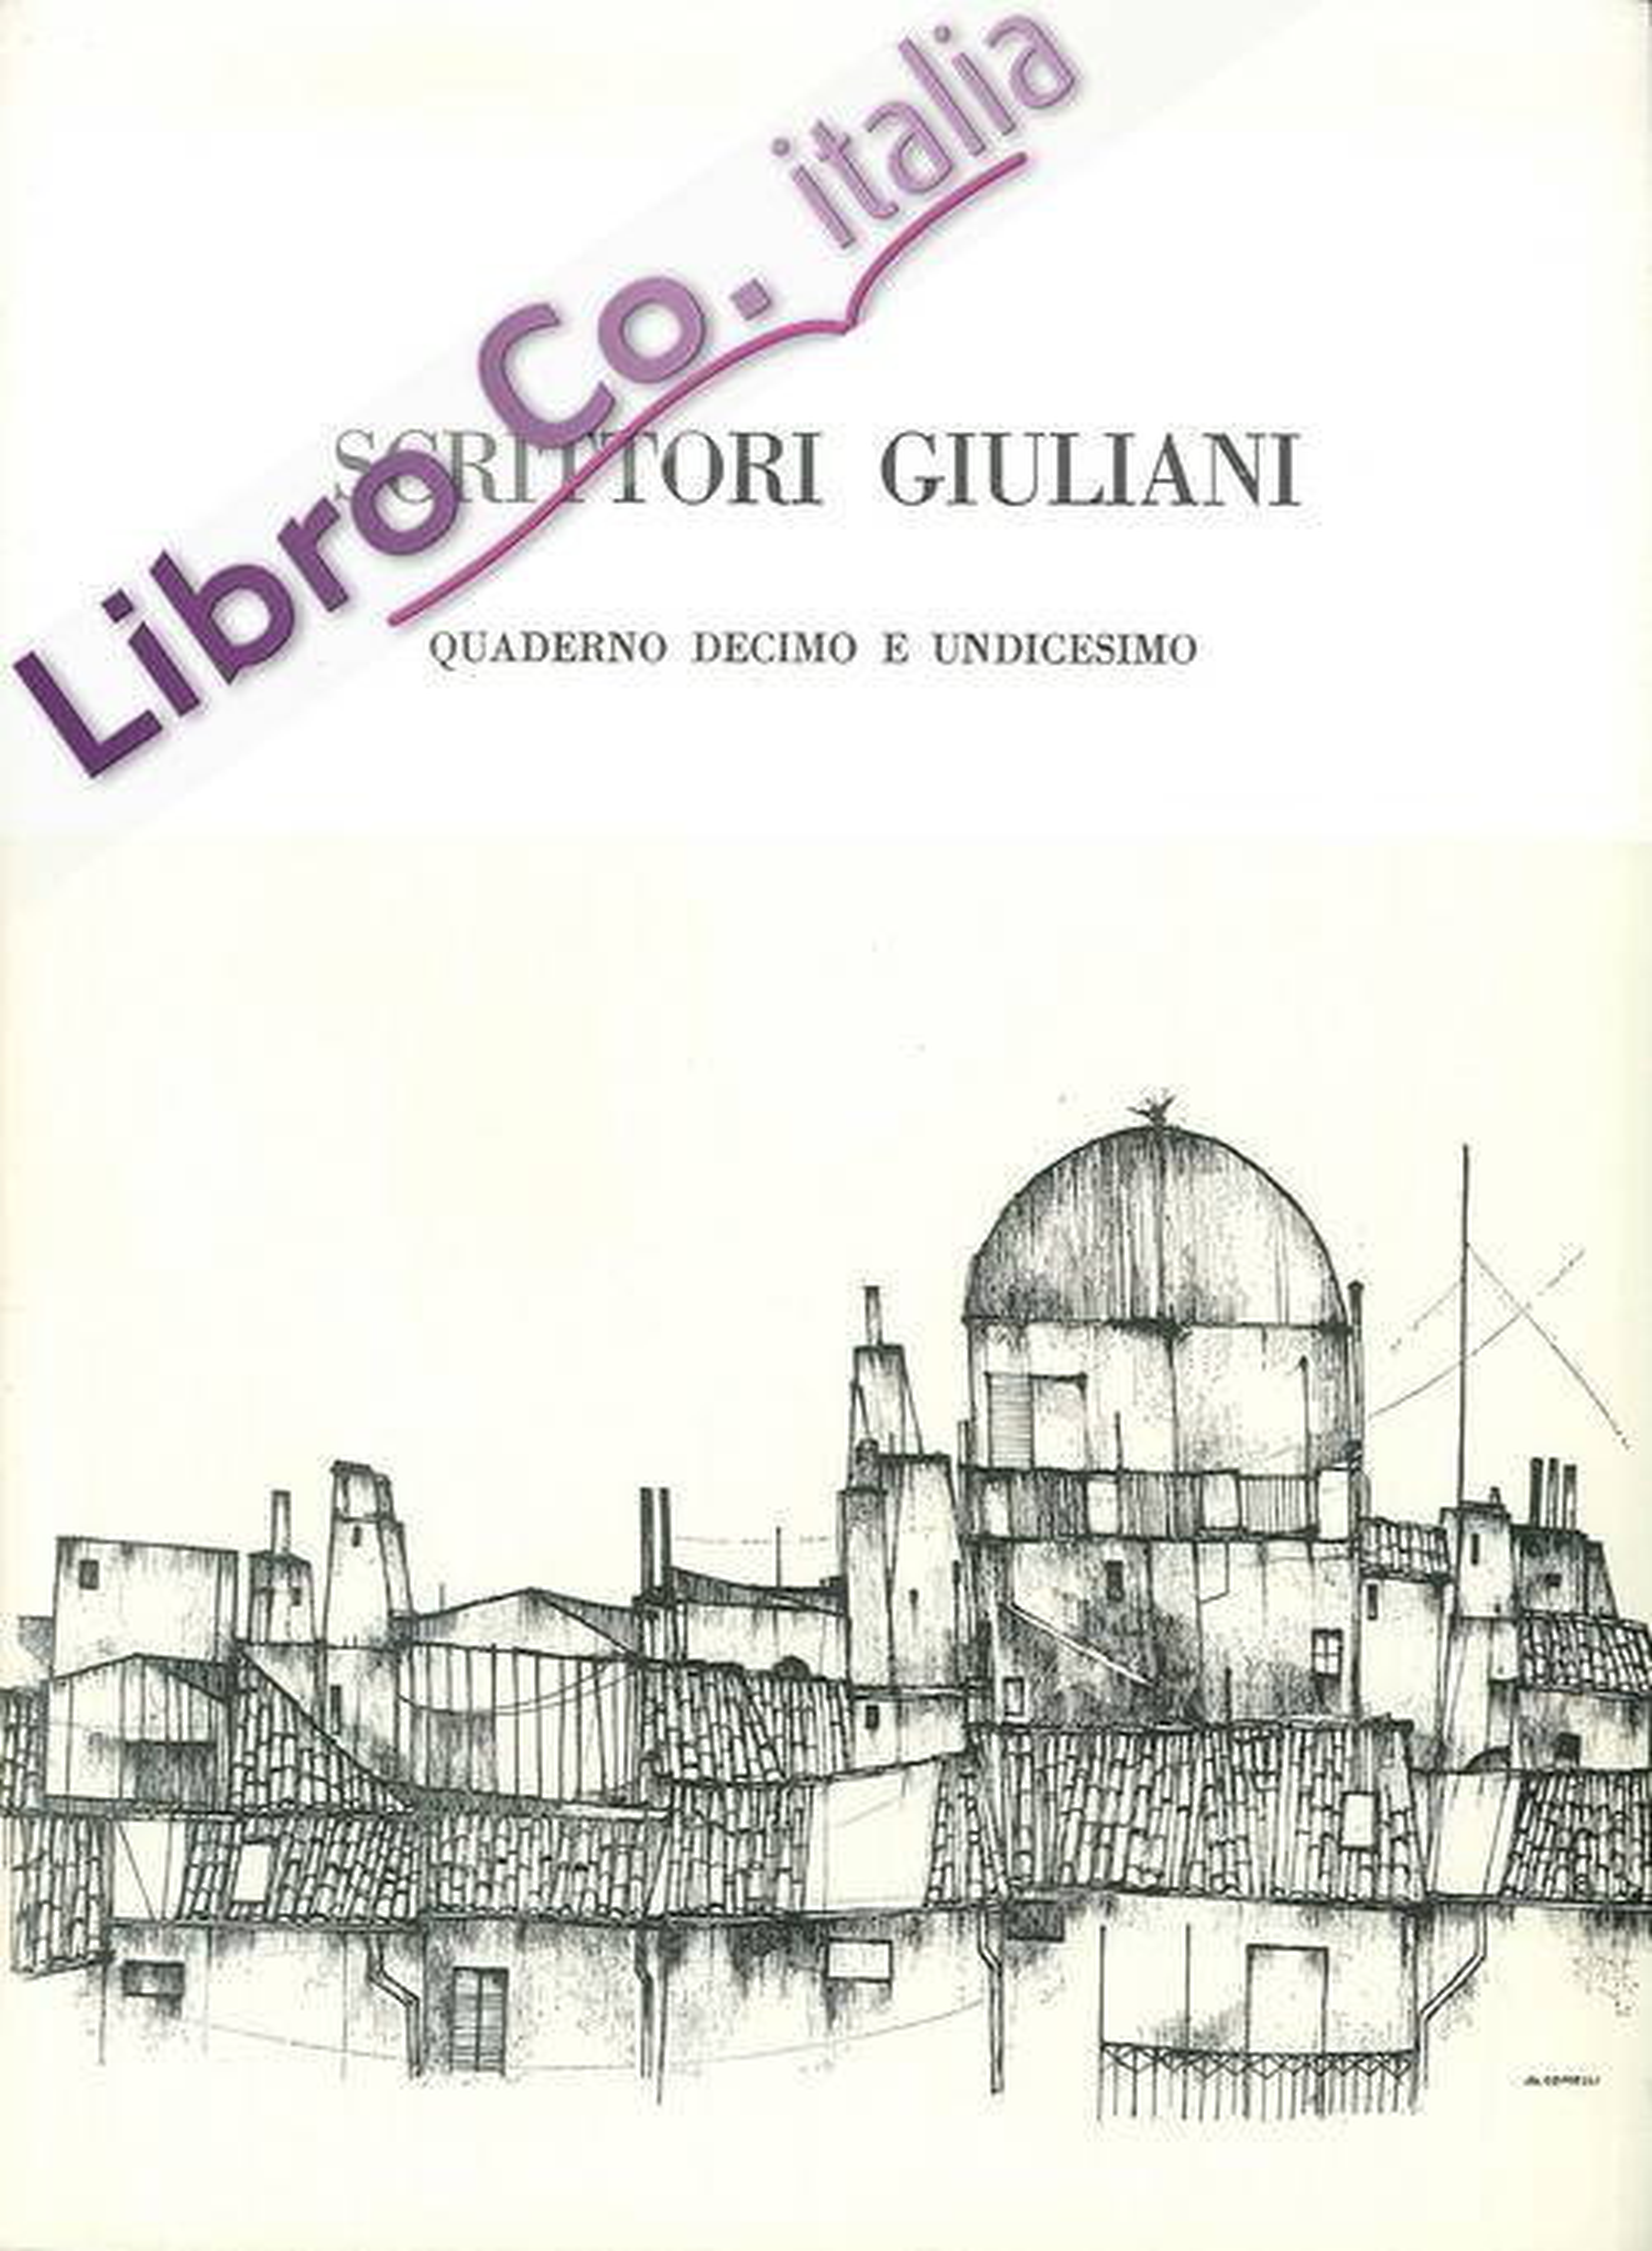 Scrittori Giuliani. Quaderno Decimo e Undicesimo